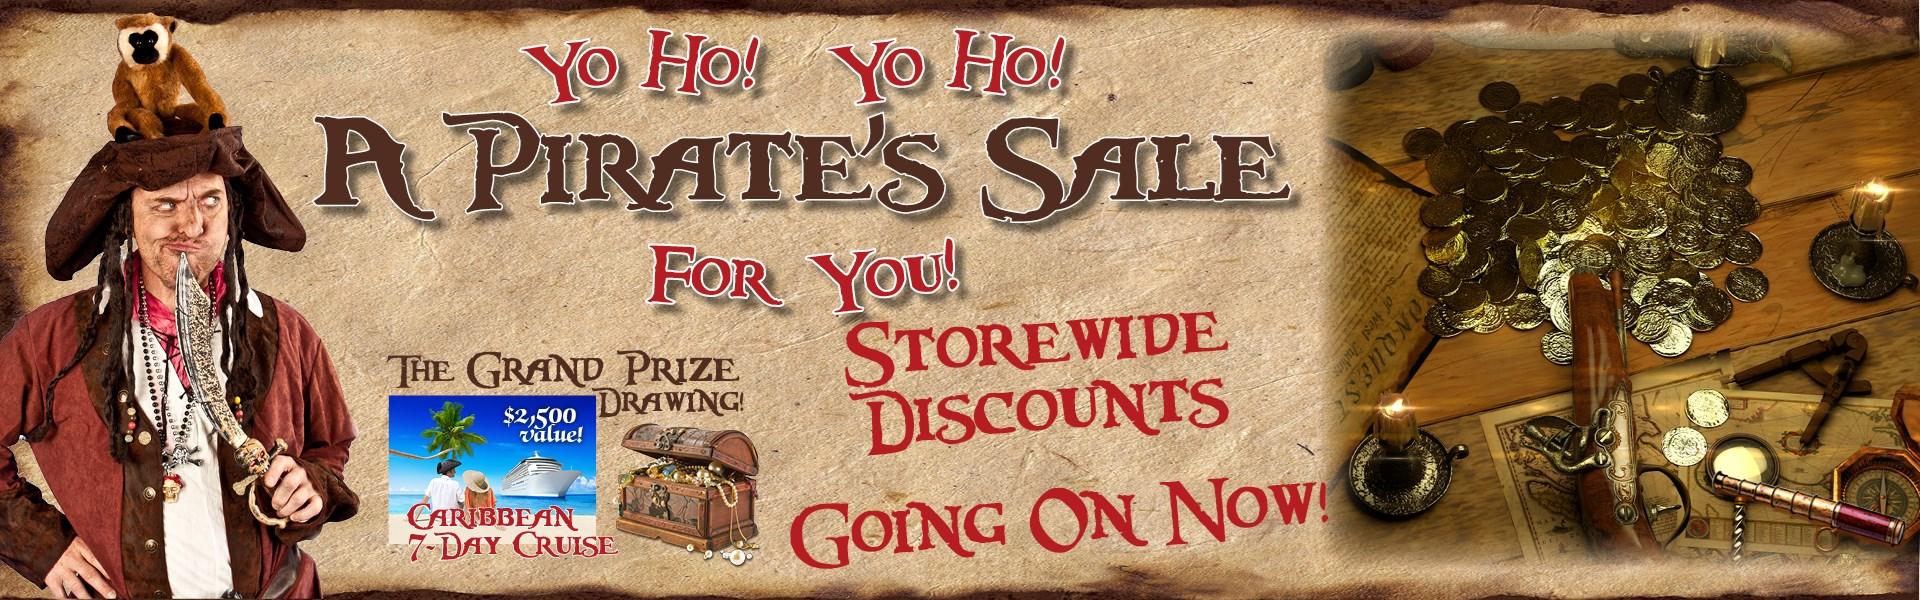 Pirate sAle